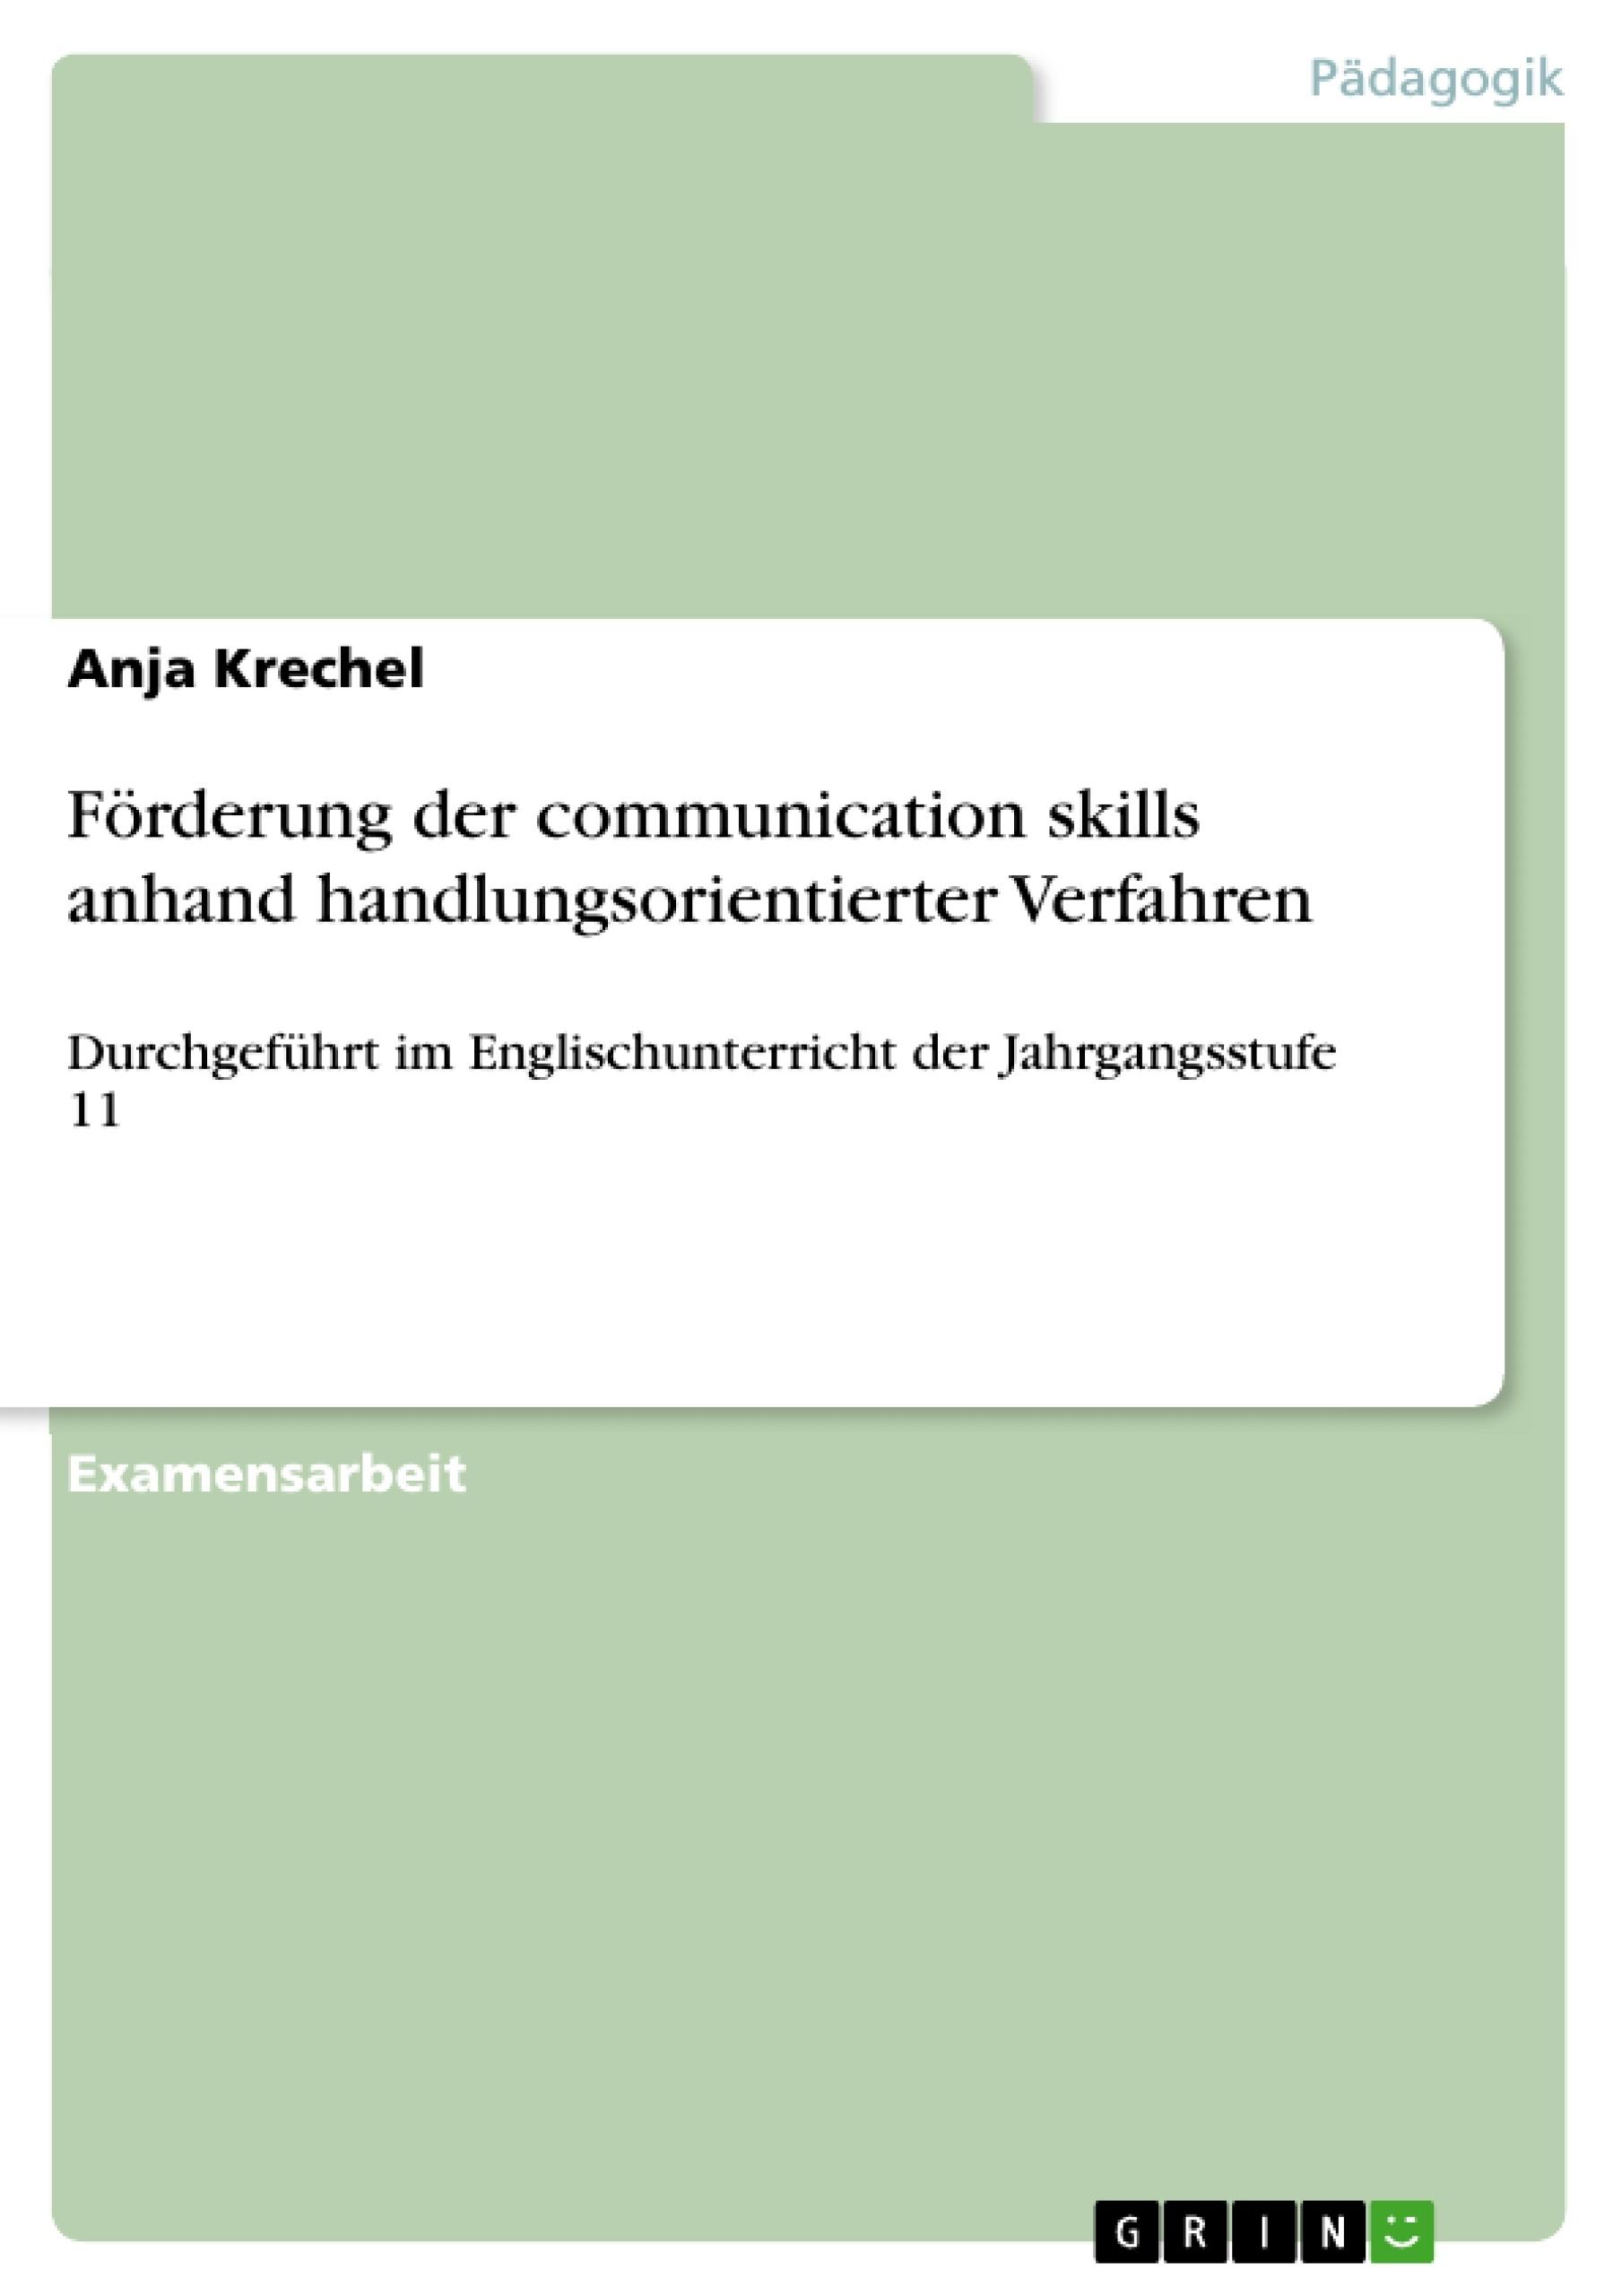 Titel: Förderung der communication skills anhand handlungsorientierter Verfahren